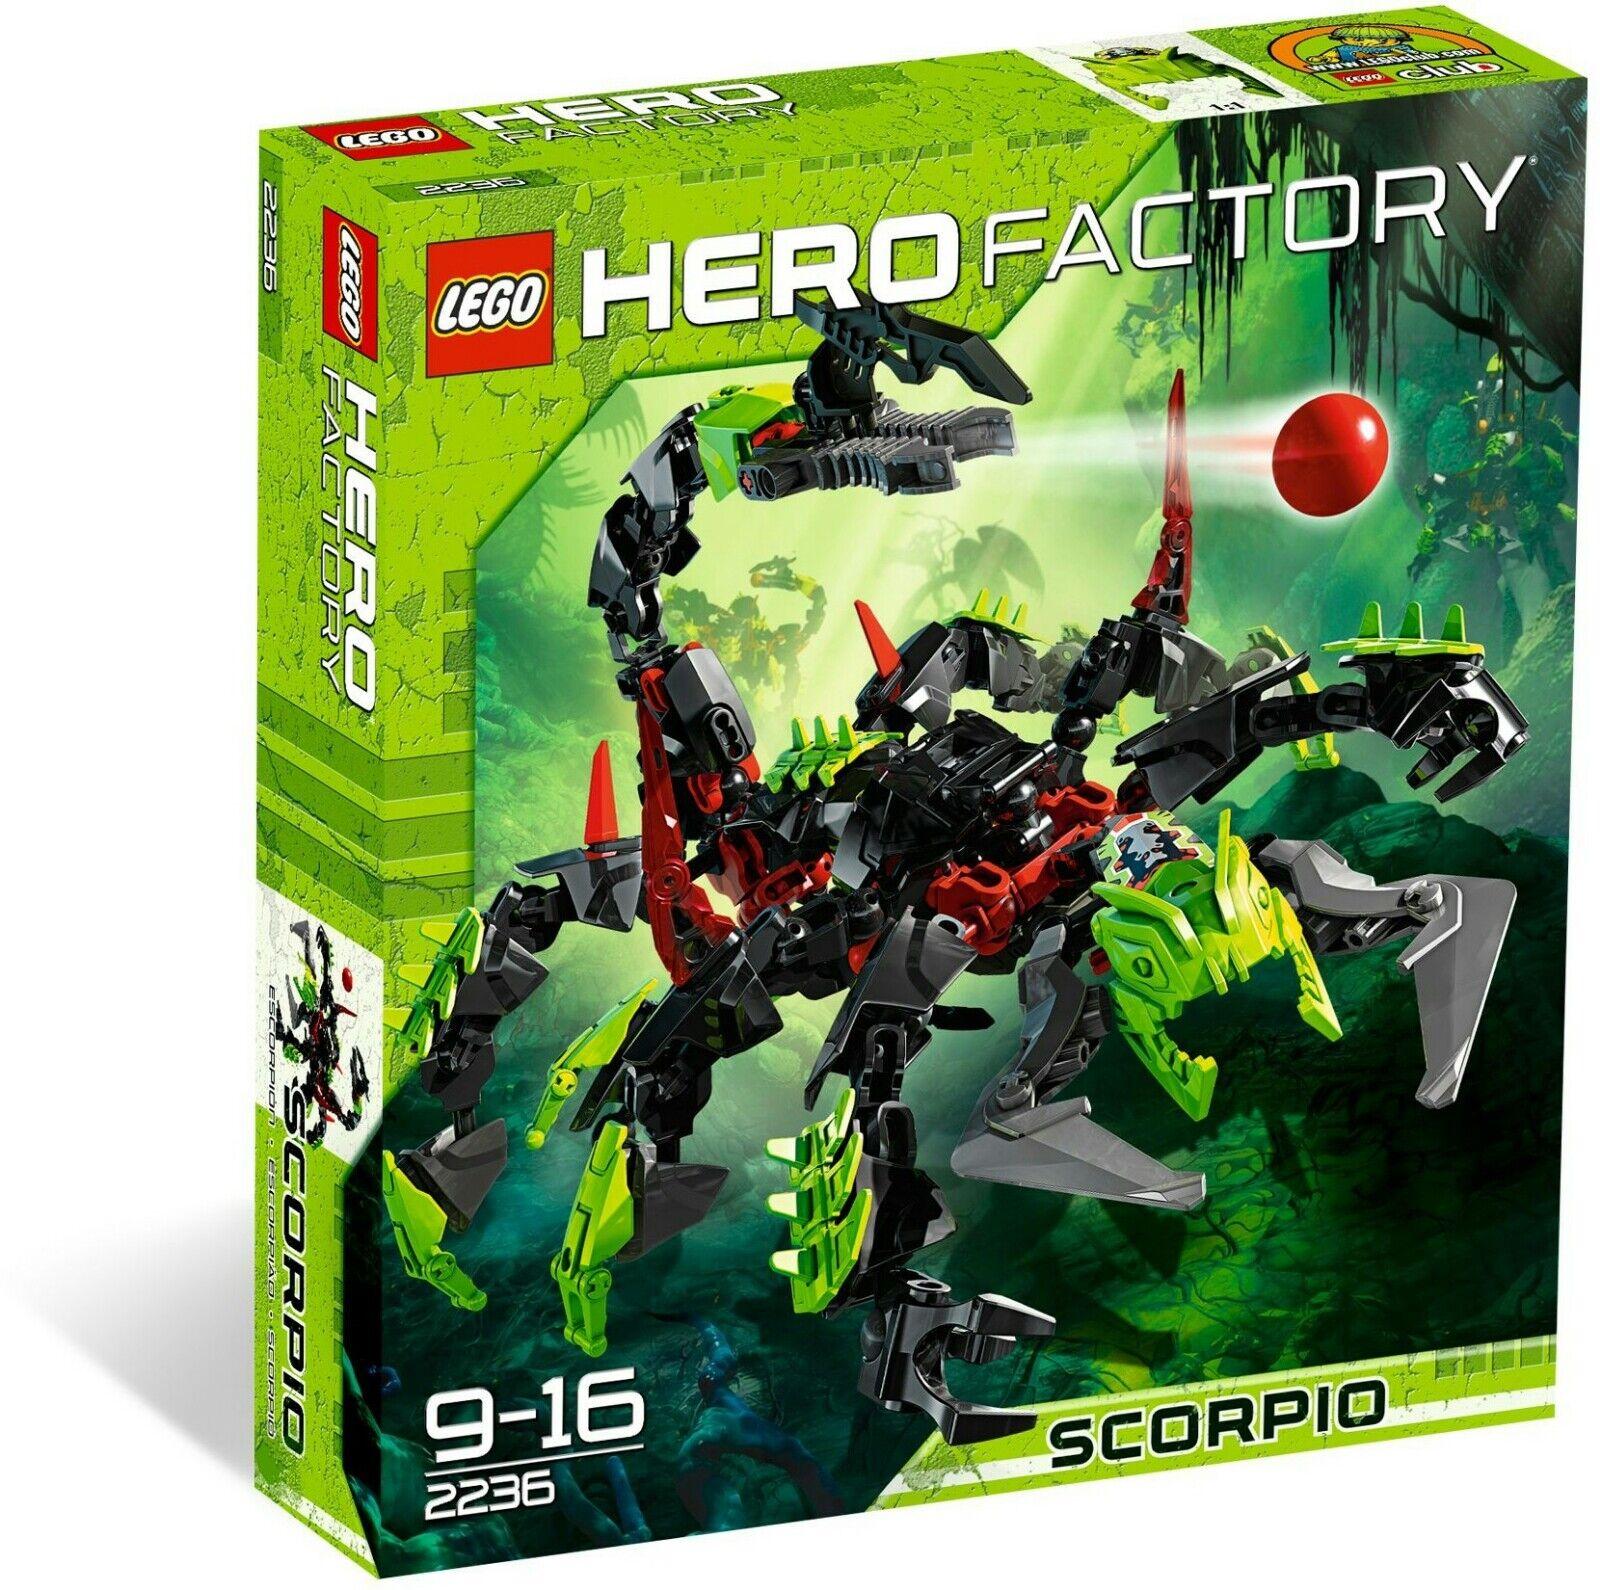 LEGO  Hero Factory 2236 SCORPIO RARA smobilizzato ✔ NUOVO CON SCATOLA NUOVO SIGILLATO ✔ Fast P & P ✔  grandi risparmi